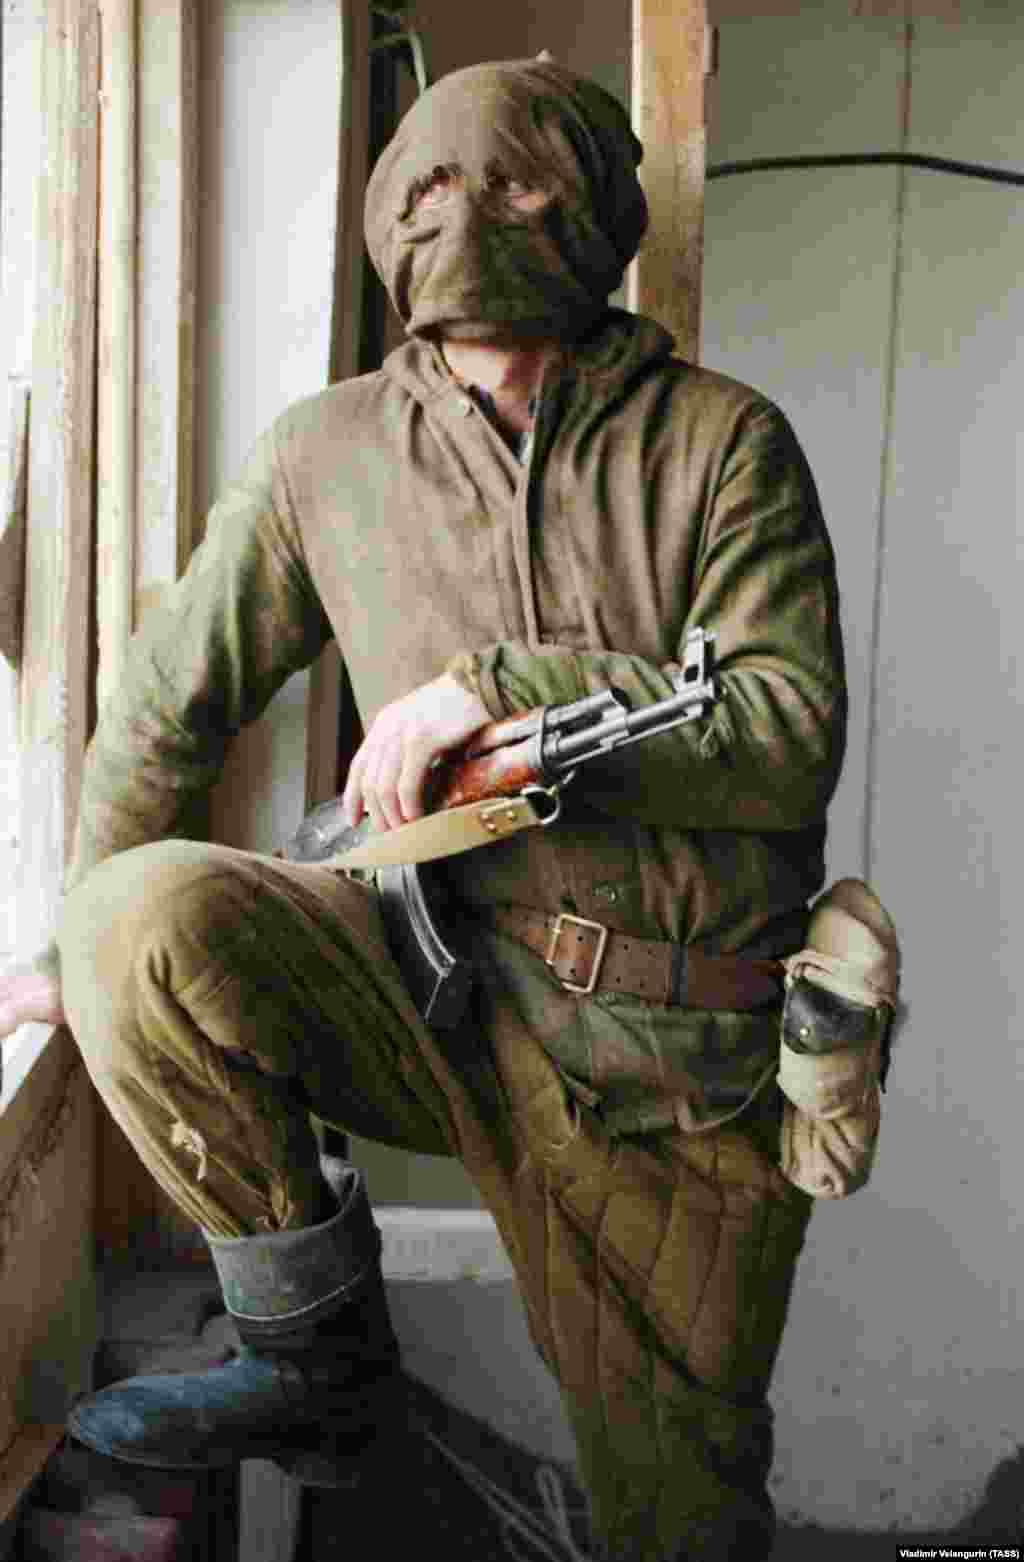 Боец-осетин в маске. Похищение людей также стало обычным явлением в регионе во время боевых действий